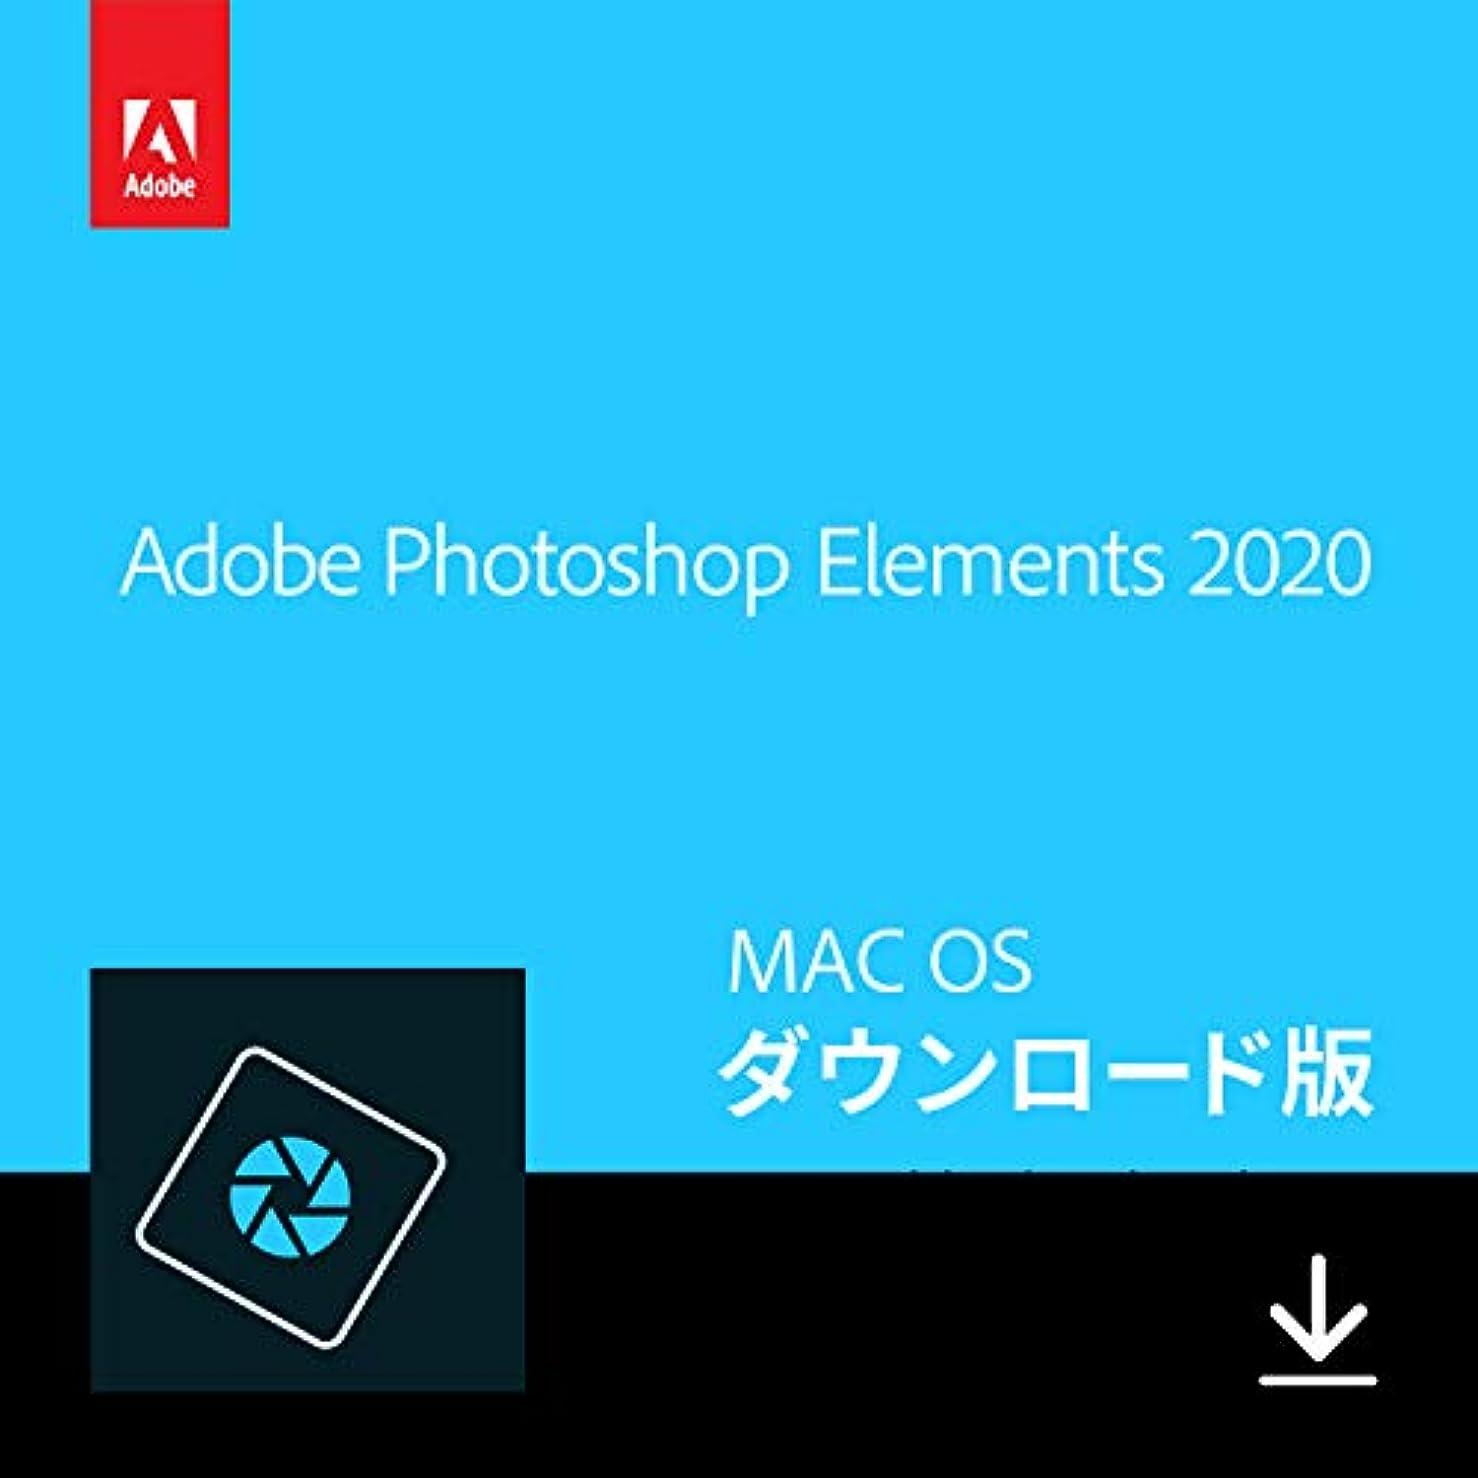 疫病テクニカル抵当Adobe Photoshop Elements 2020(最新) 通常版 オンラインコード版 Mac対応